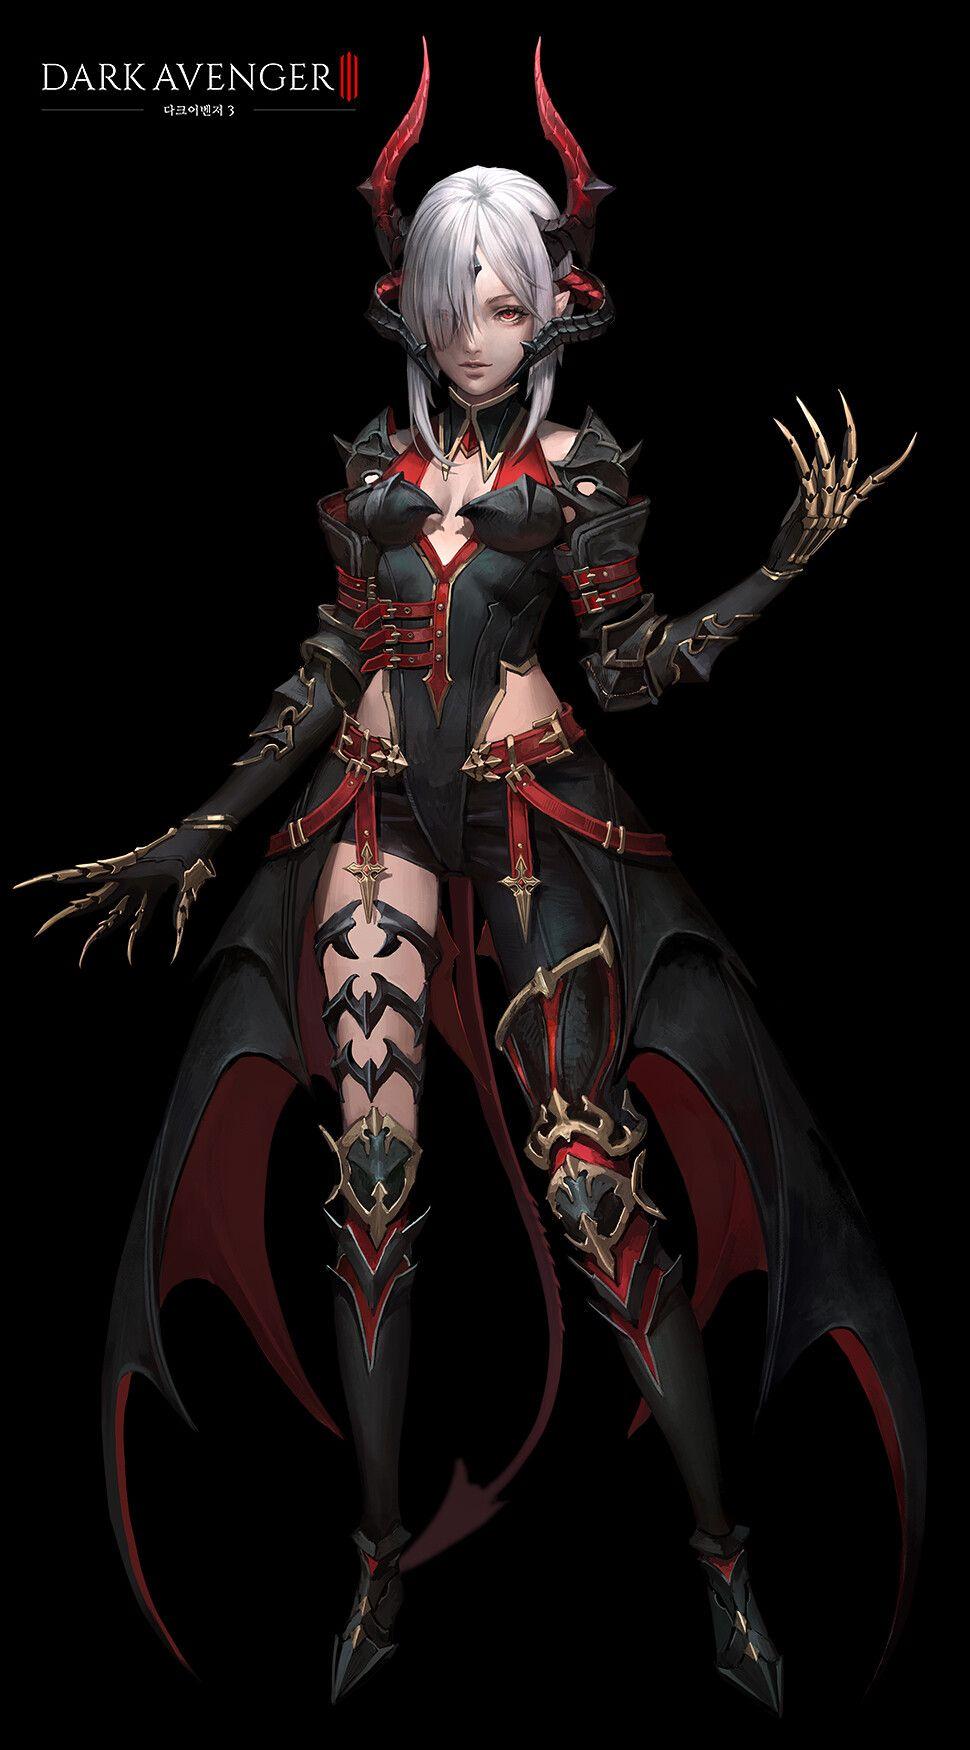 Artstation Drak Avenger 3 Darkness Rises Character Design